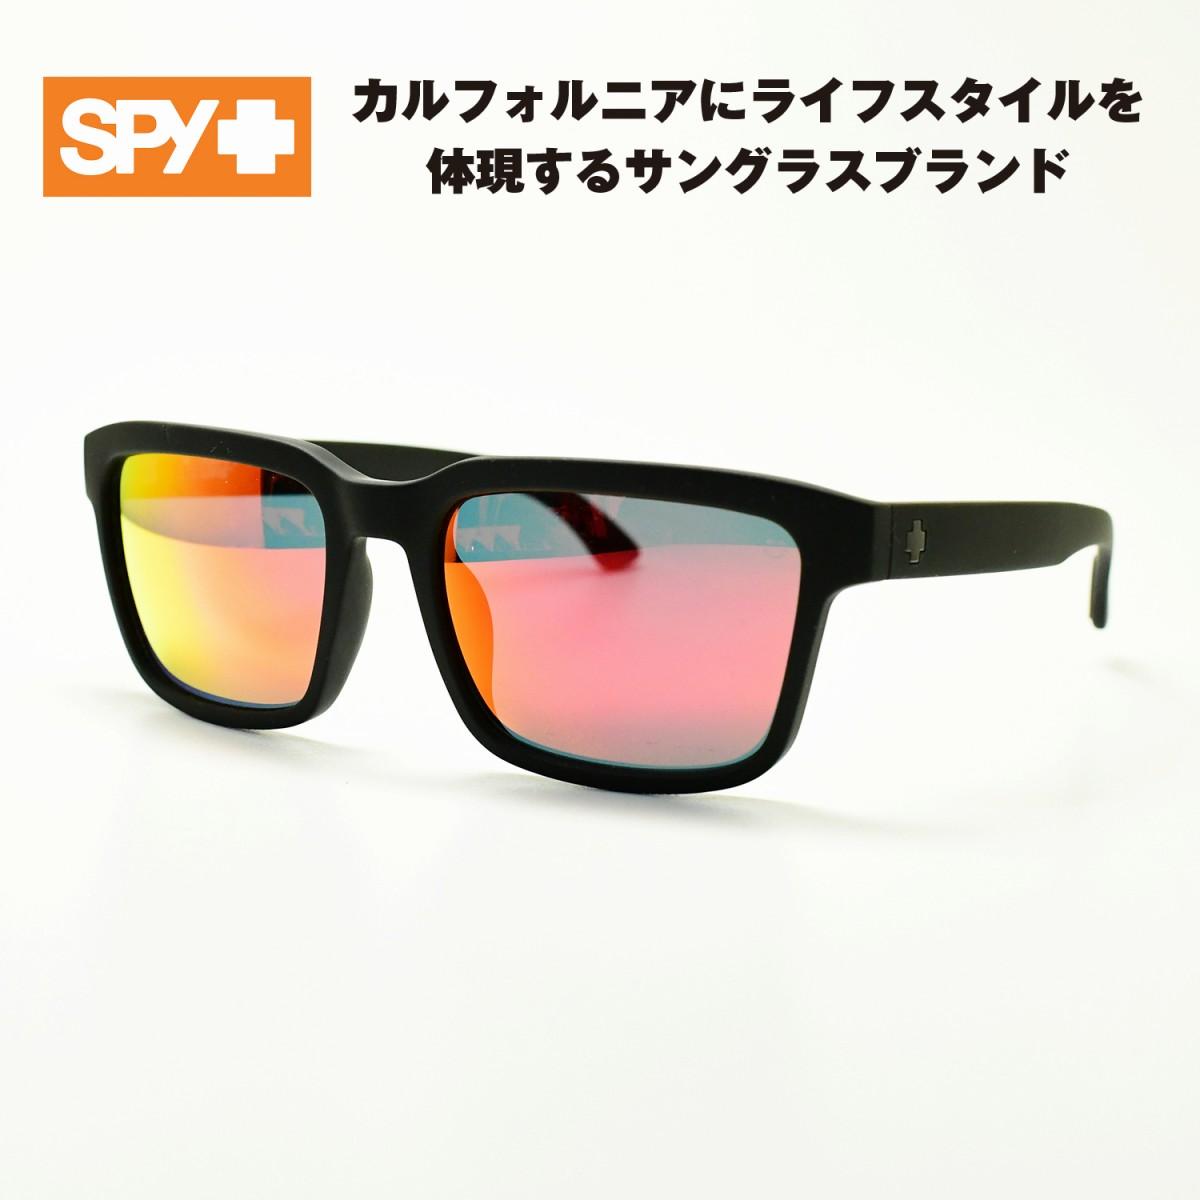 SPY スパイHELM2 ヘルム2(マットブラック/グレーグリーン レッドミラー)